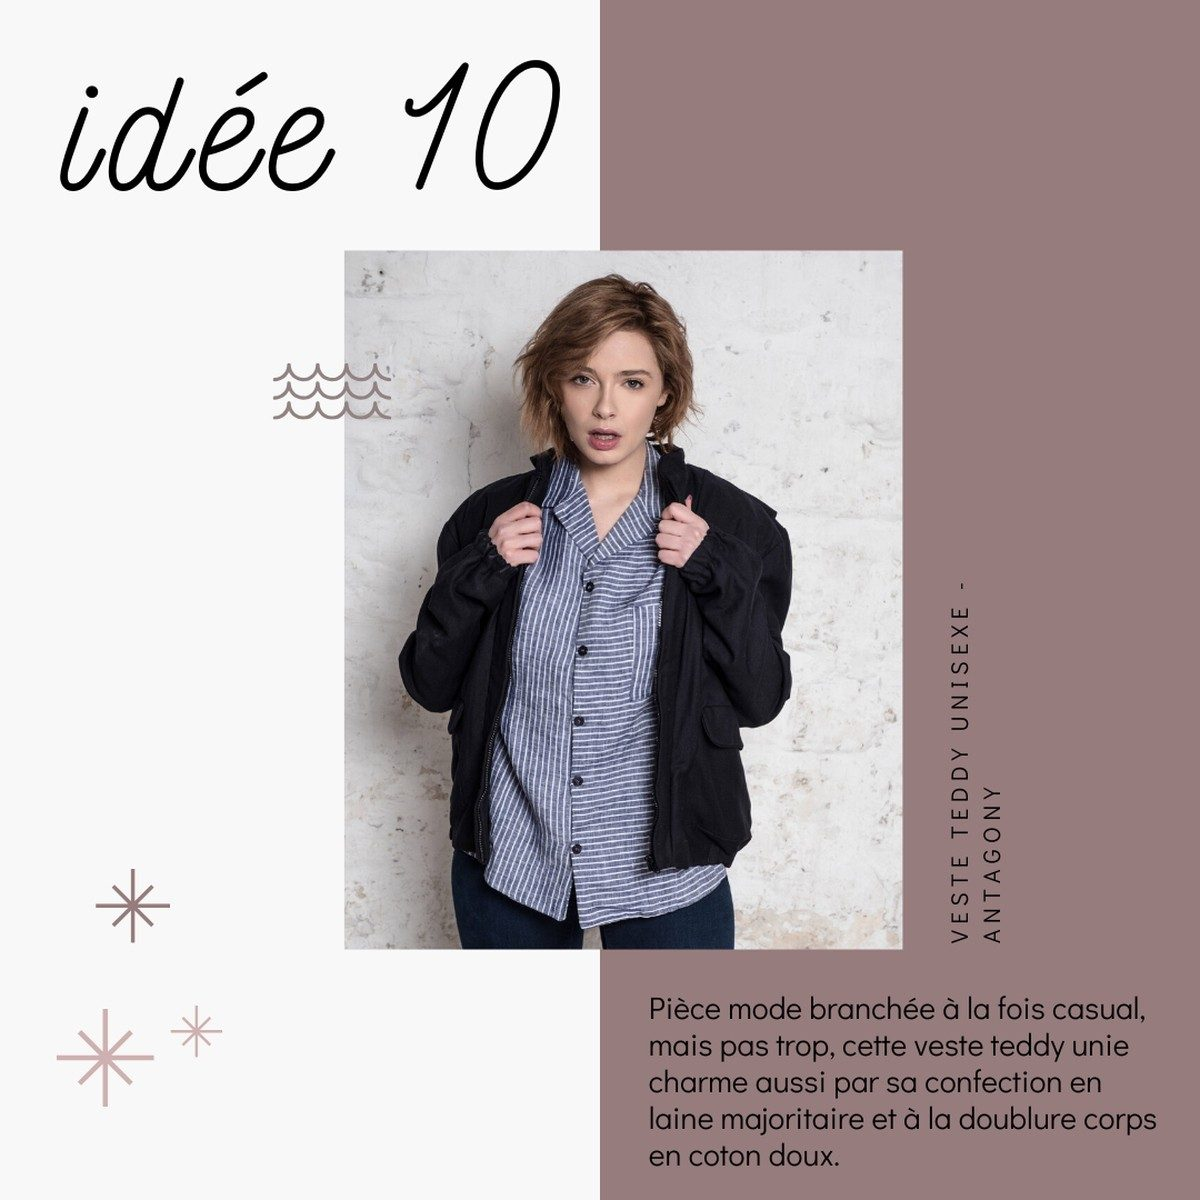 Noël 2019 notre liste de cadeaux slow fashion d'exception - 10 - Antagony